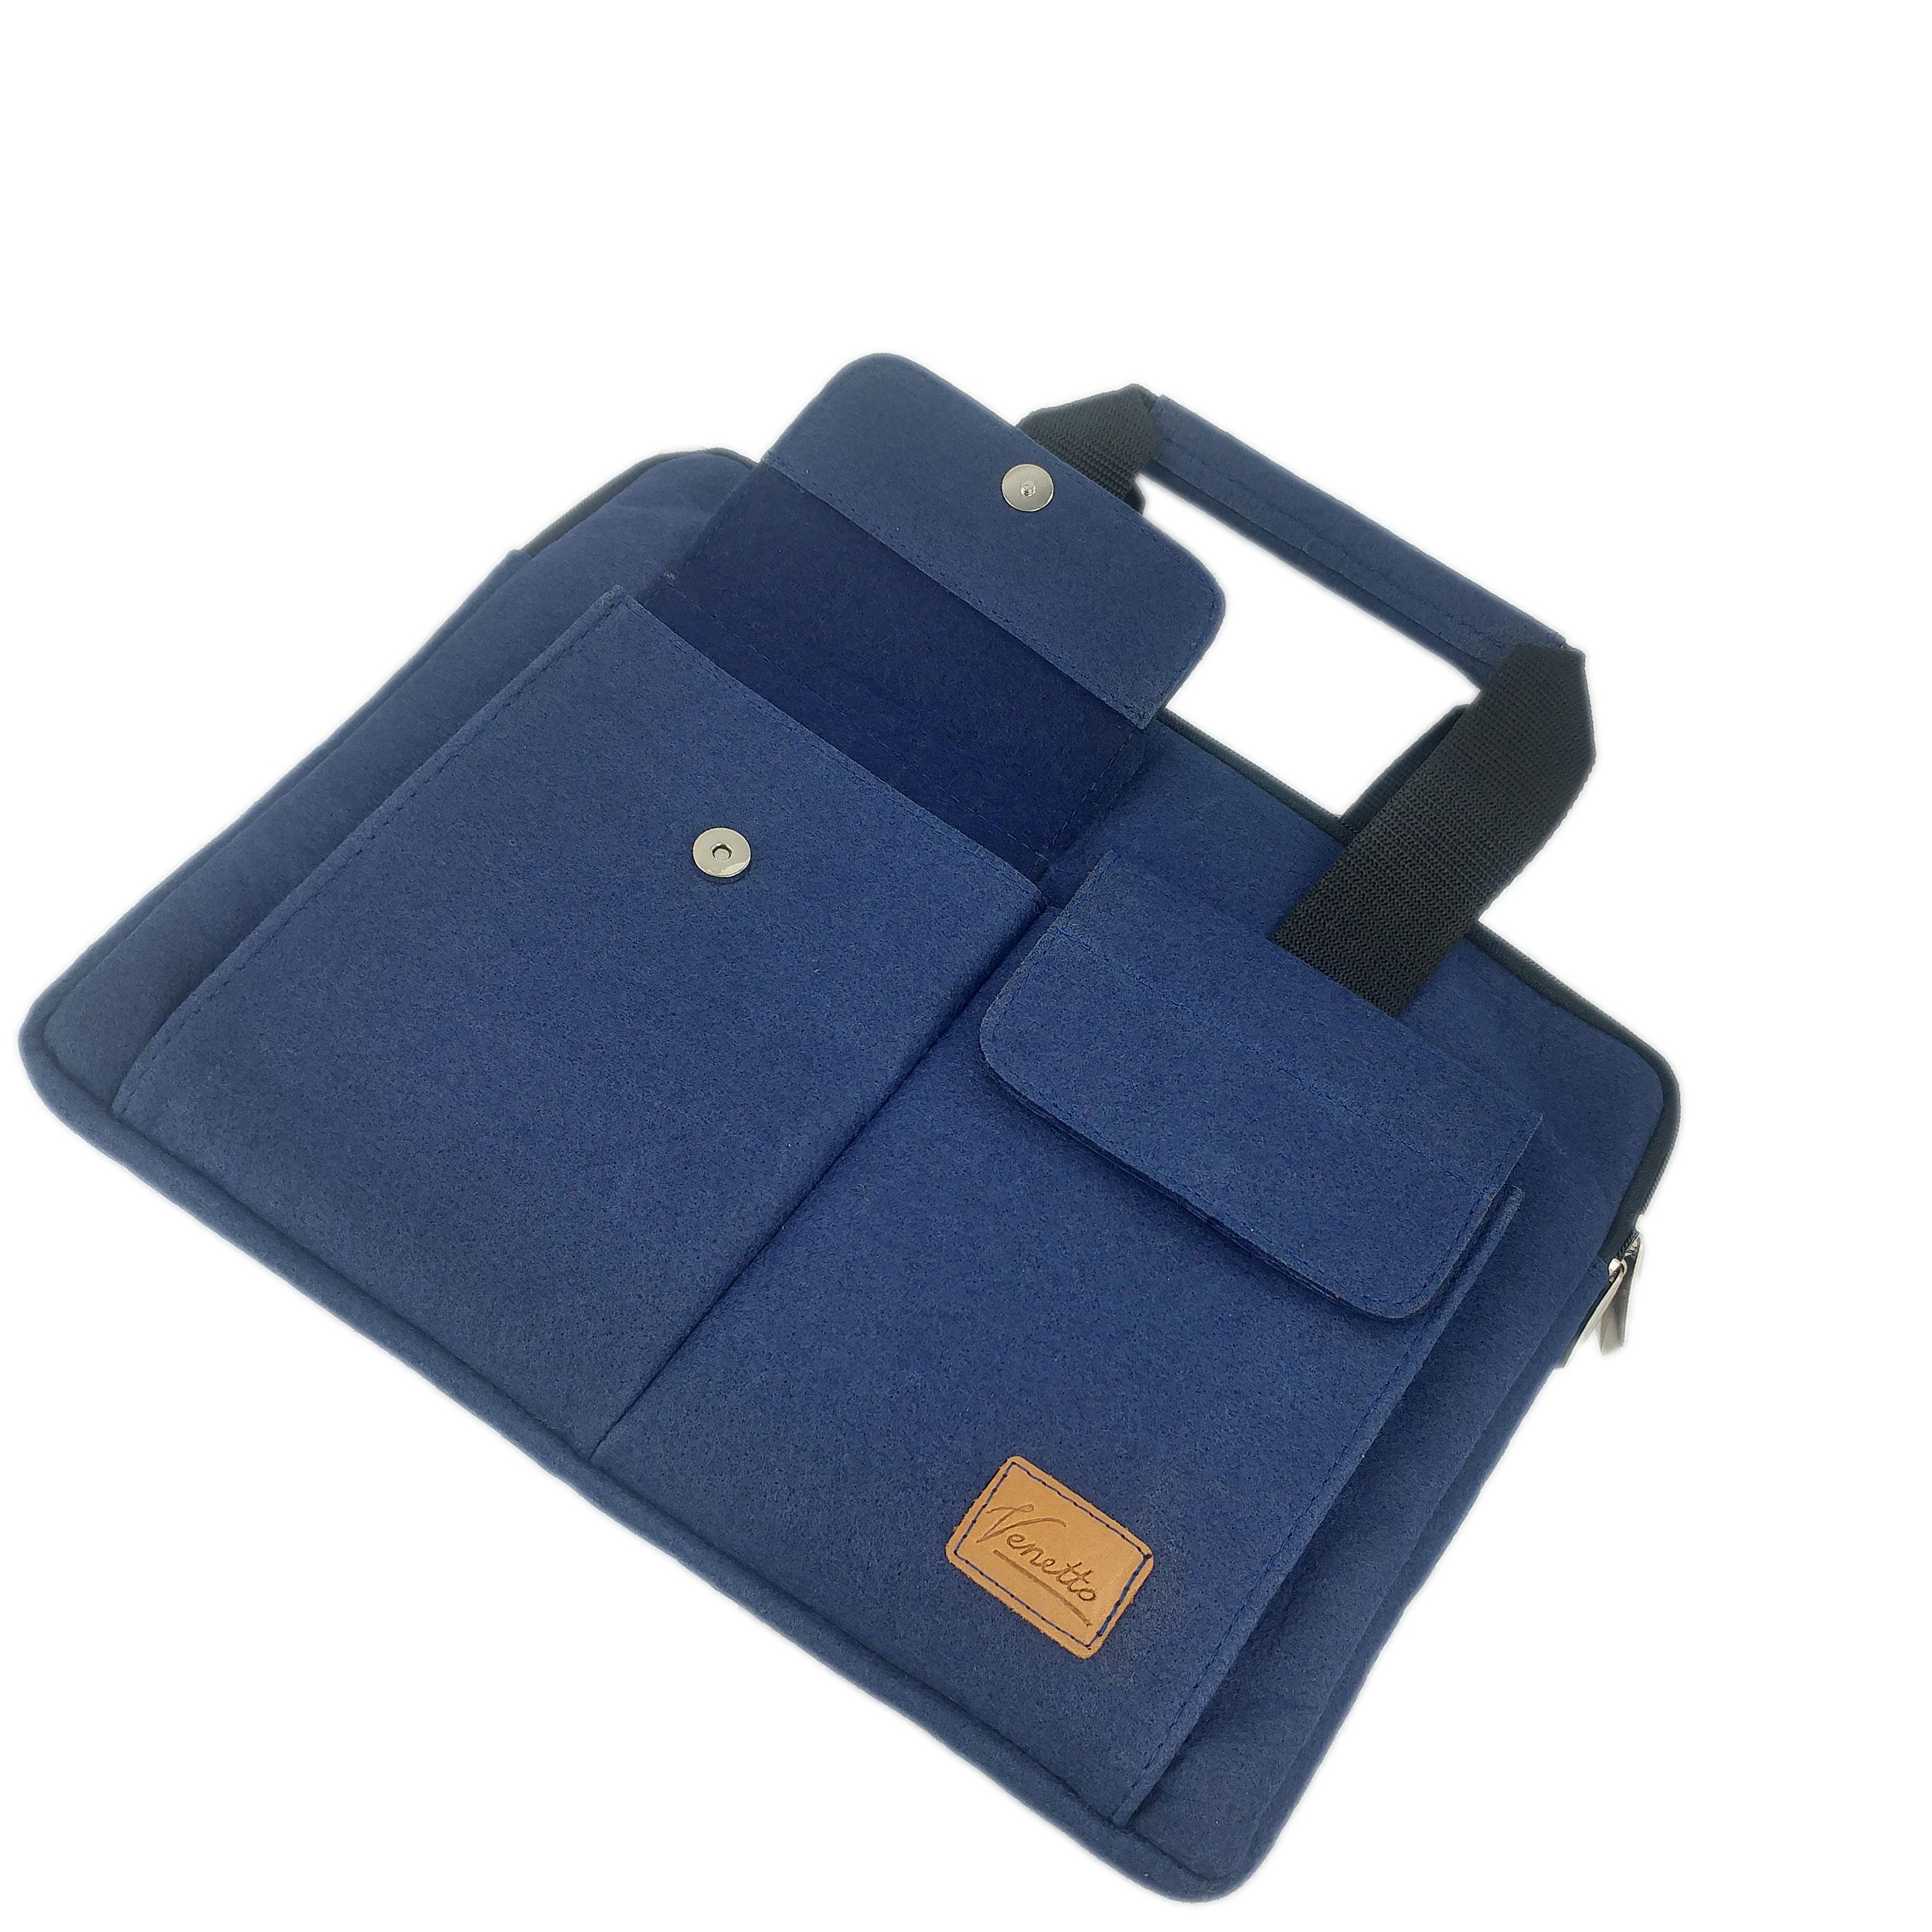 MacBook Tasche aus Filz. Made in Germany. Hersteller.